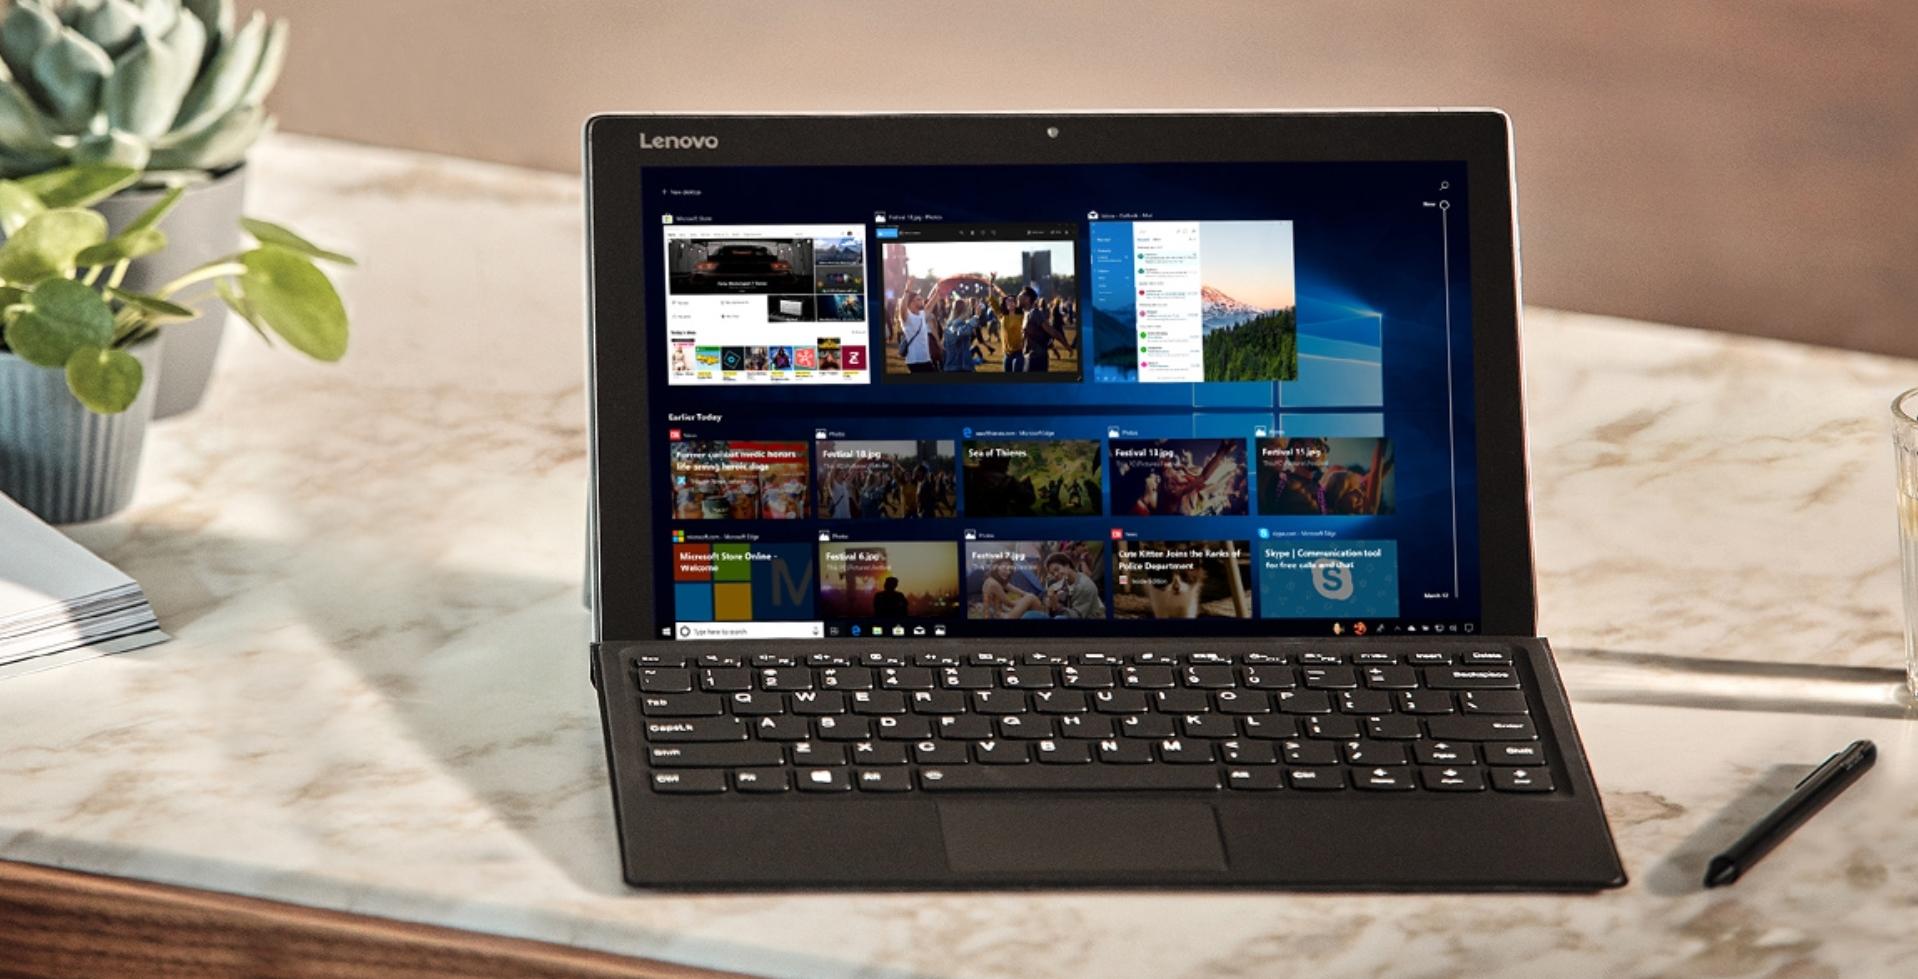 Den store Windows-oppdateringen er trolig ferdig - du kan laste ned allerede nå